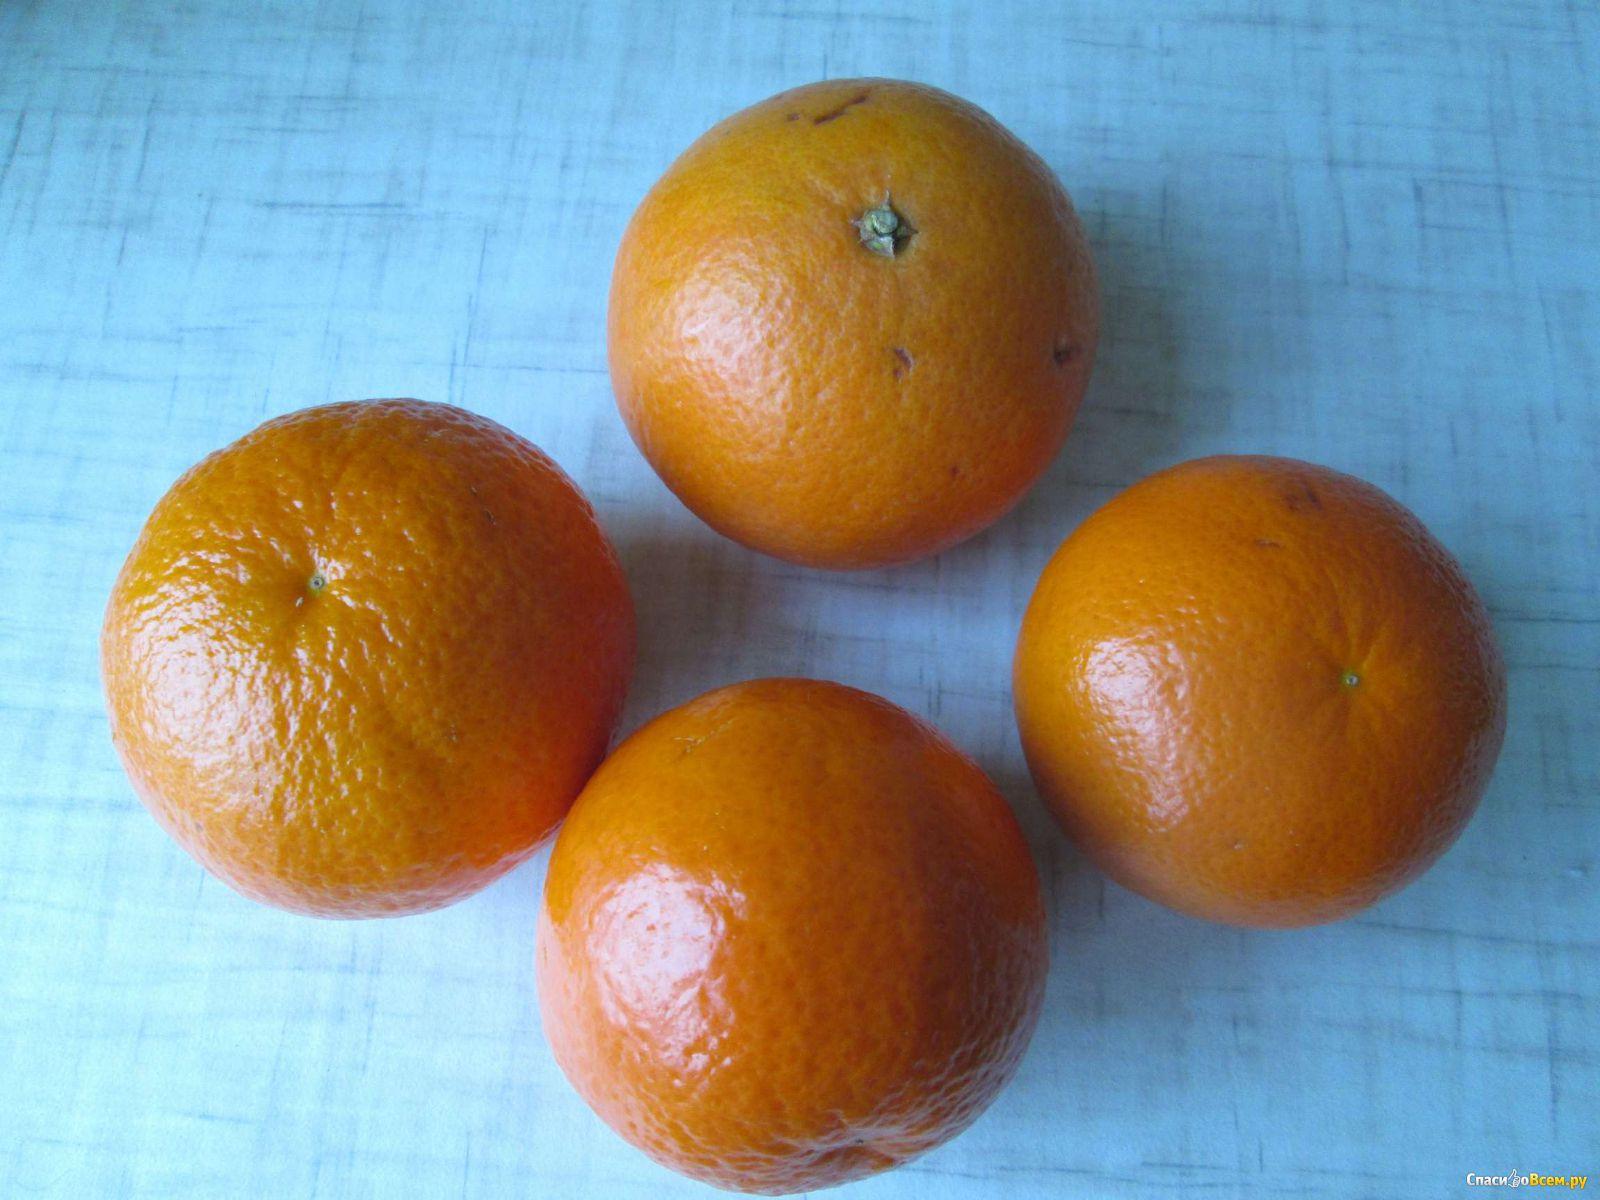 Фото аллергии у детей на мандарины